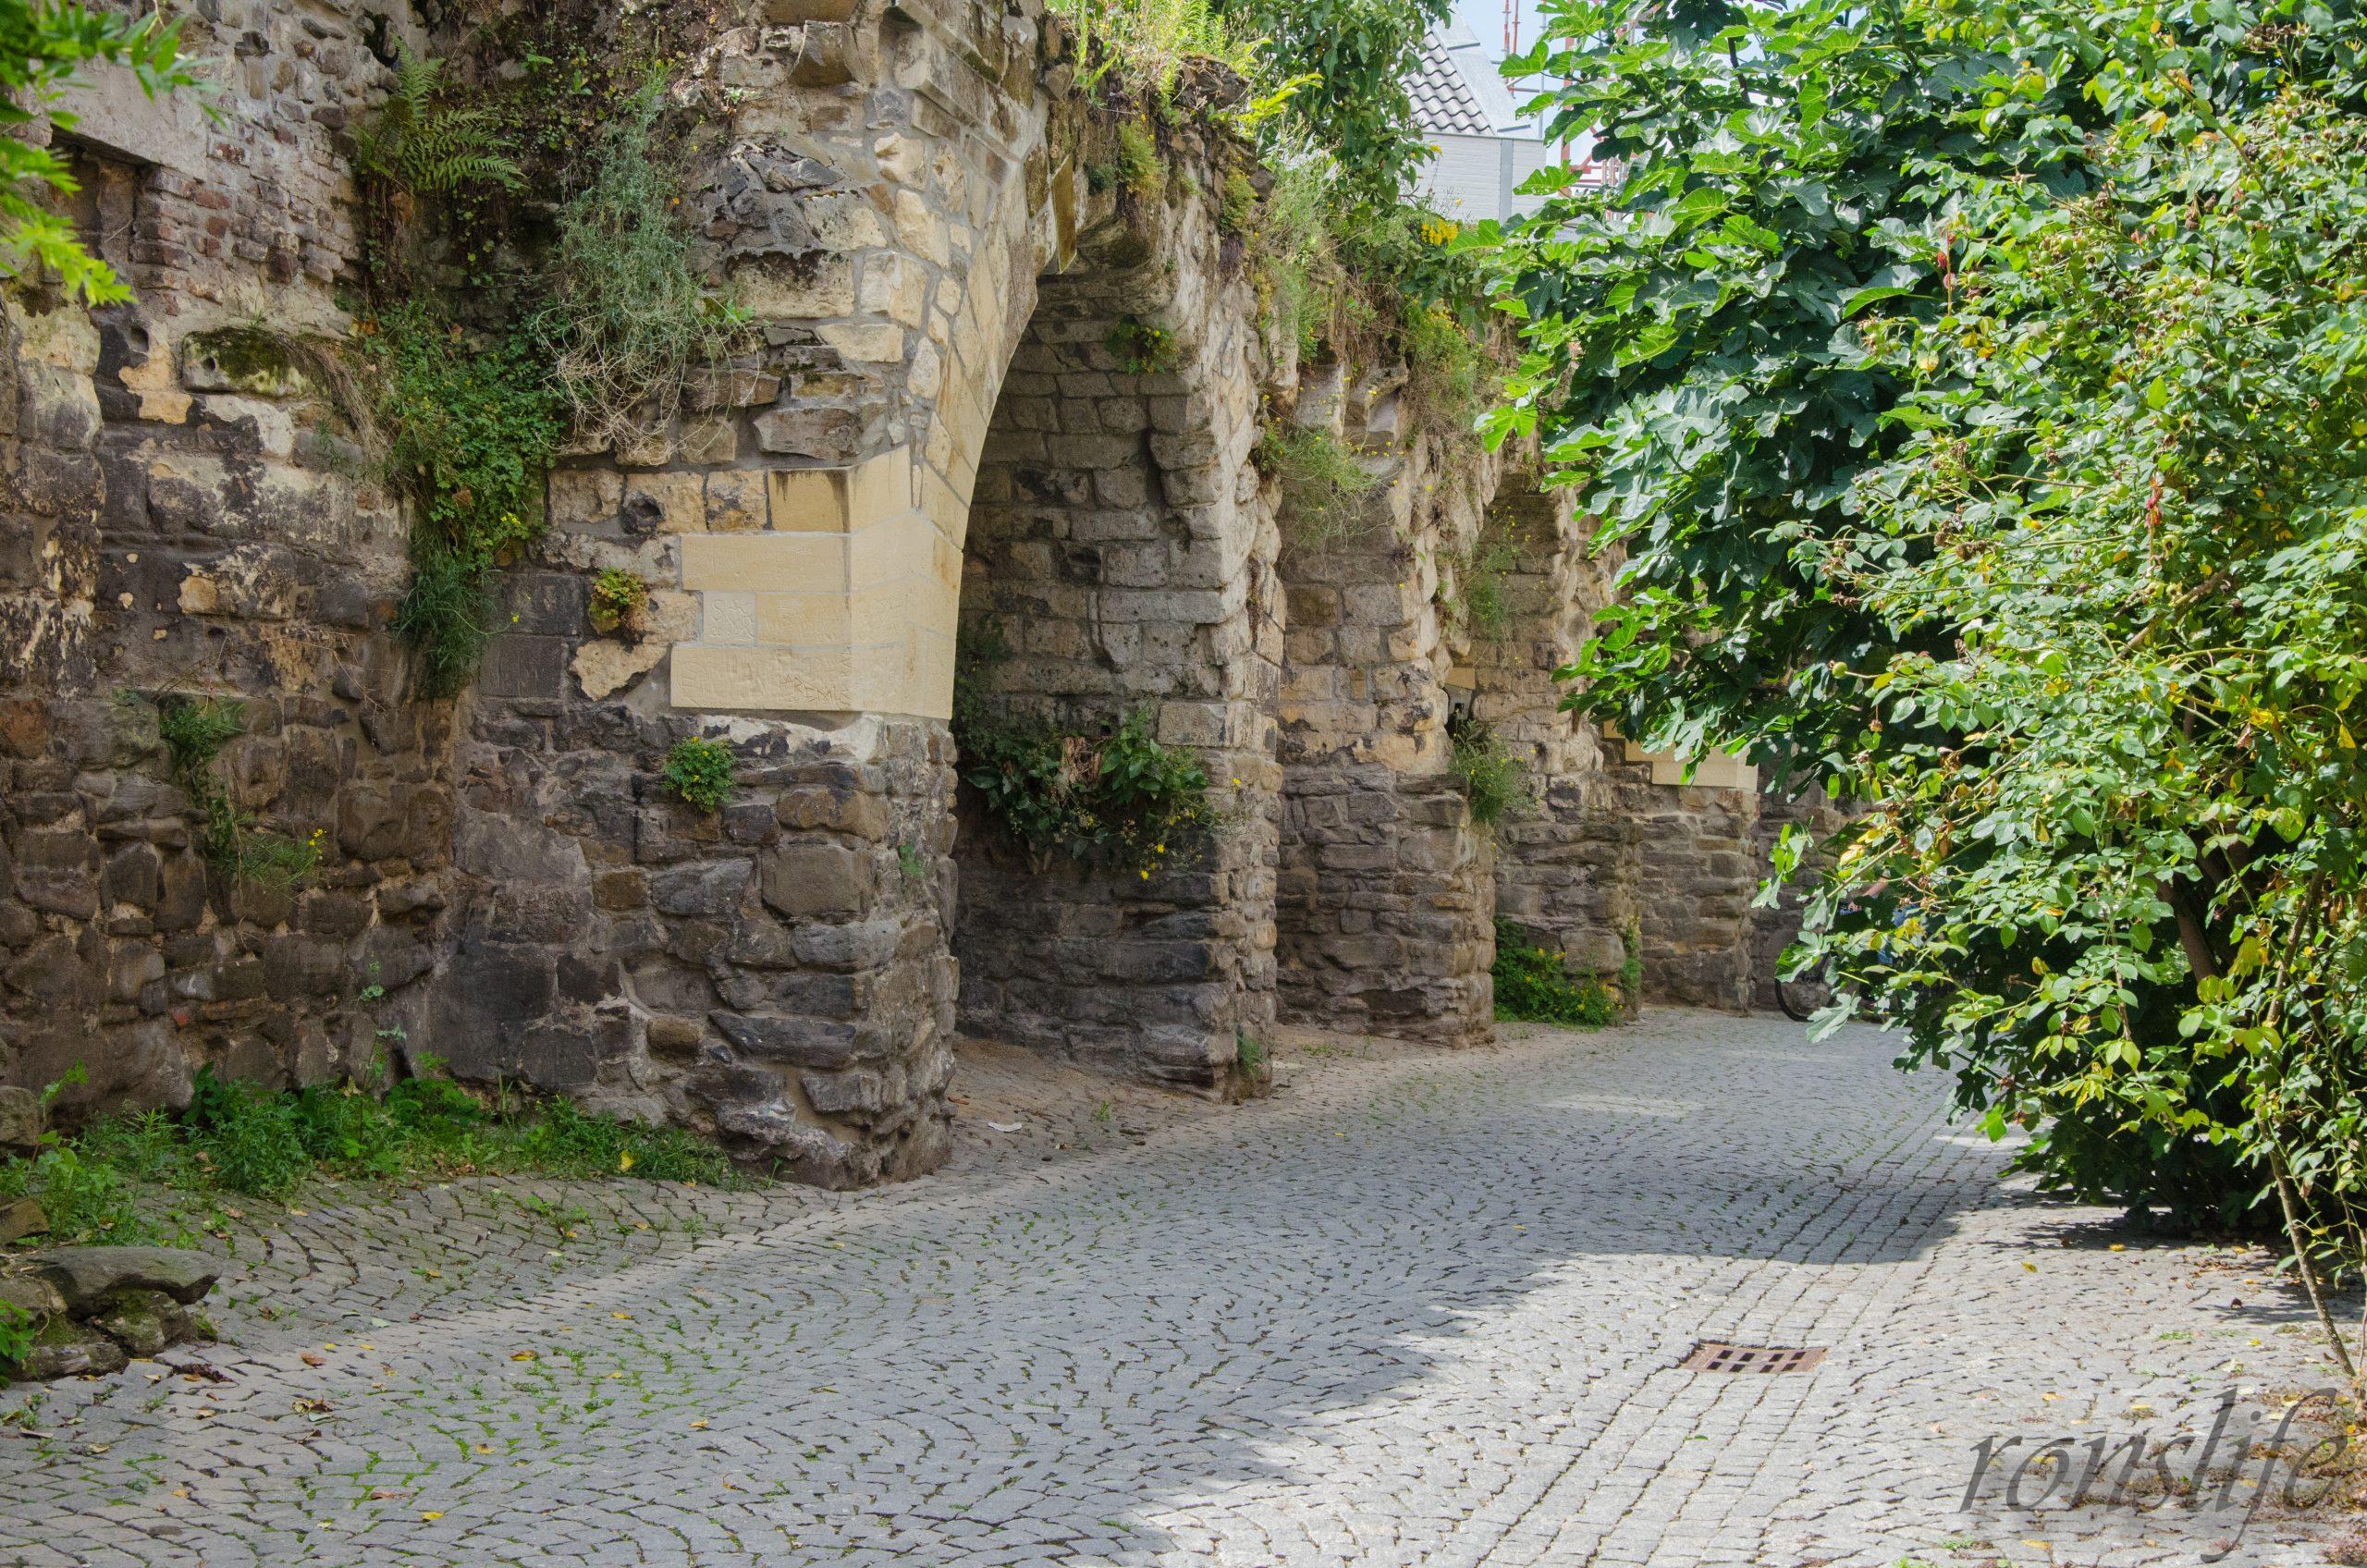 De middeleeuwse stadsmuur aan het Klein Grachtje in Maastricht